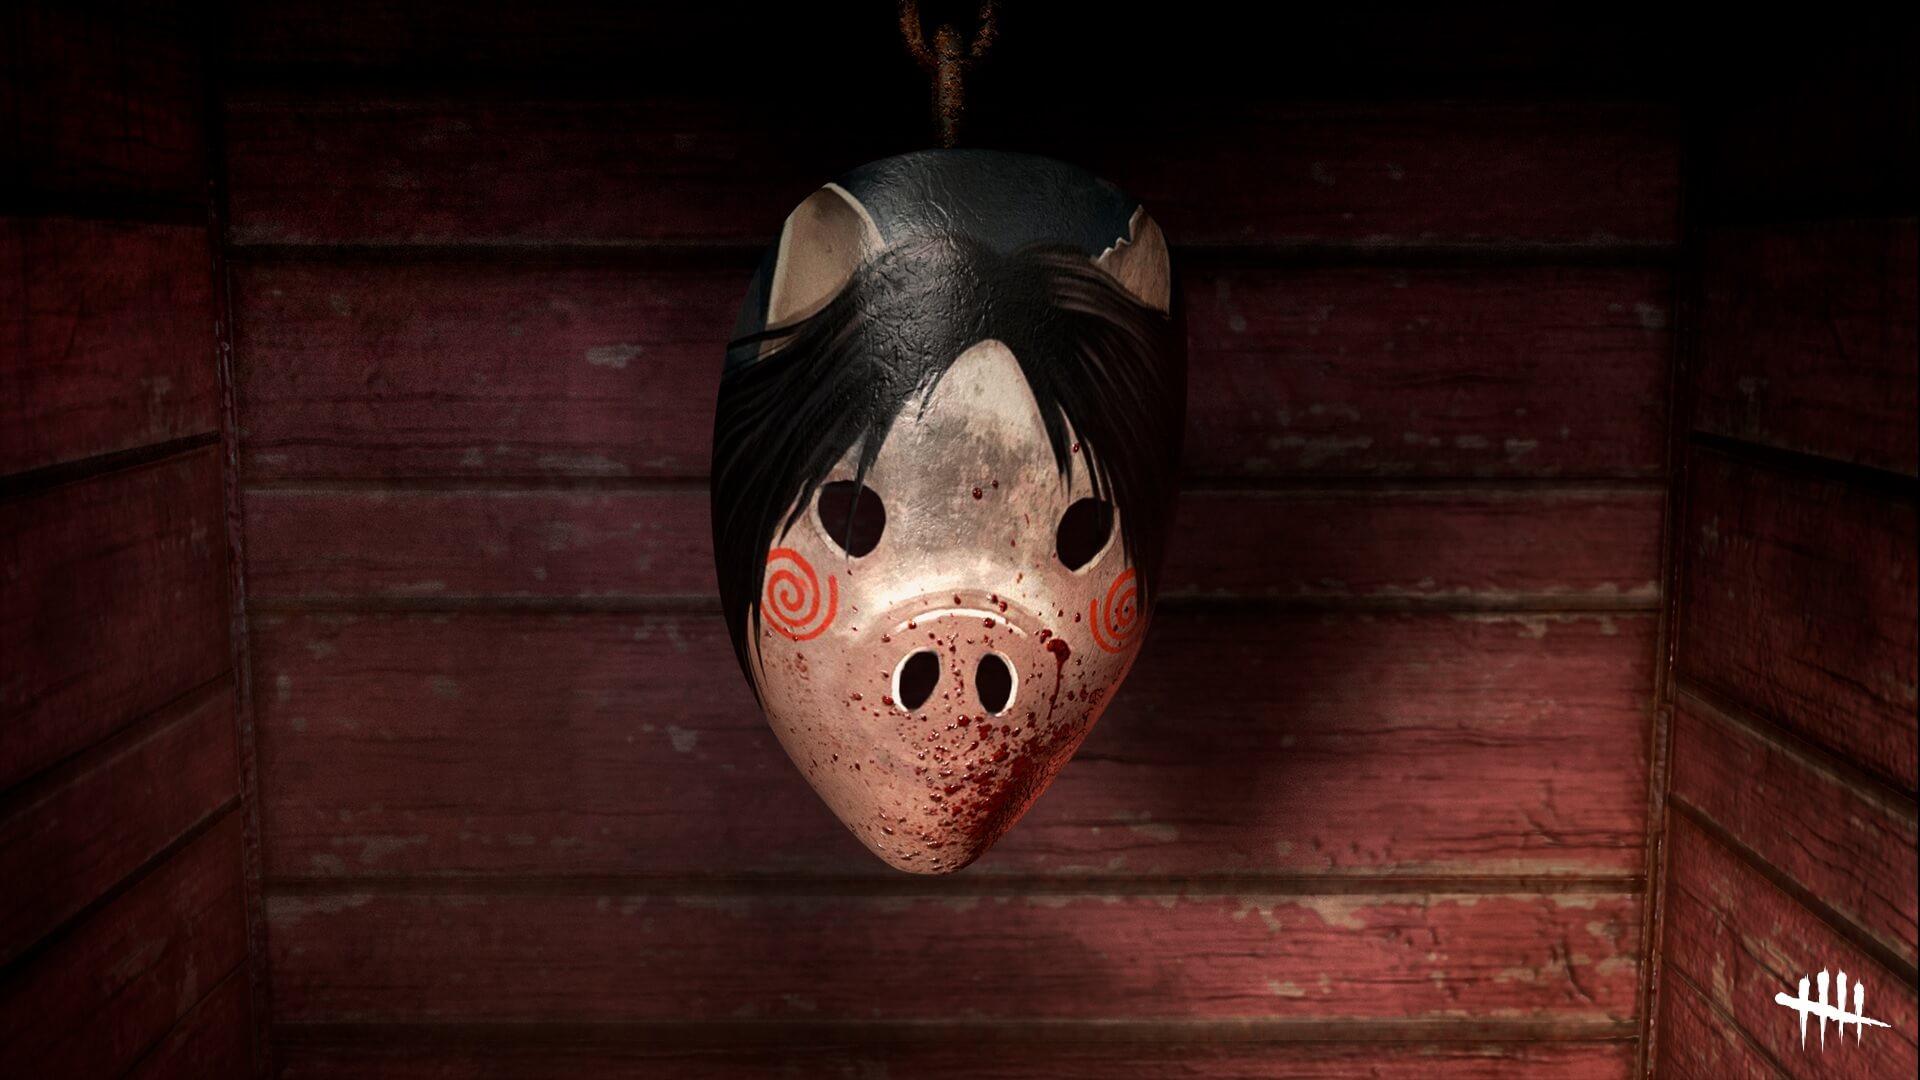 Dead by Daylight obsequia una máscara de Saw para Meg Thomas